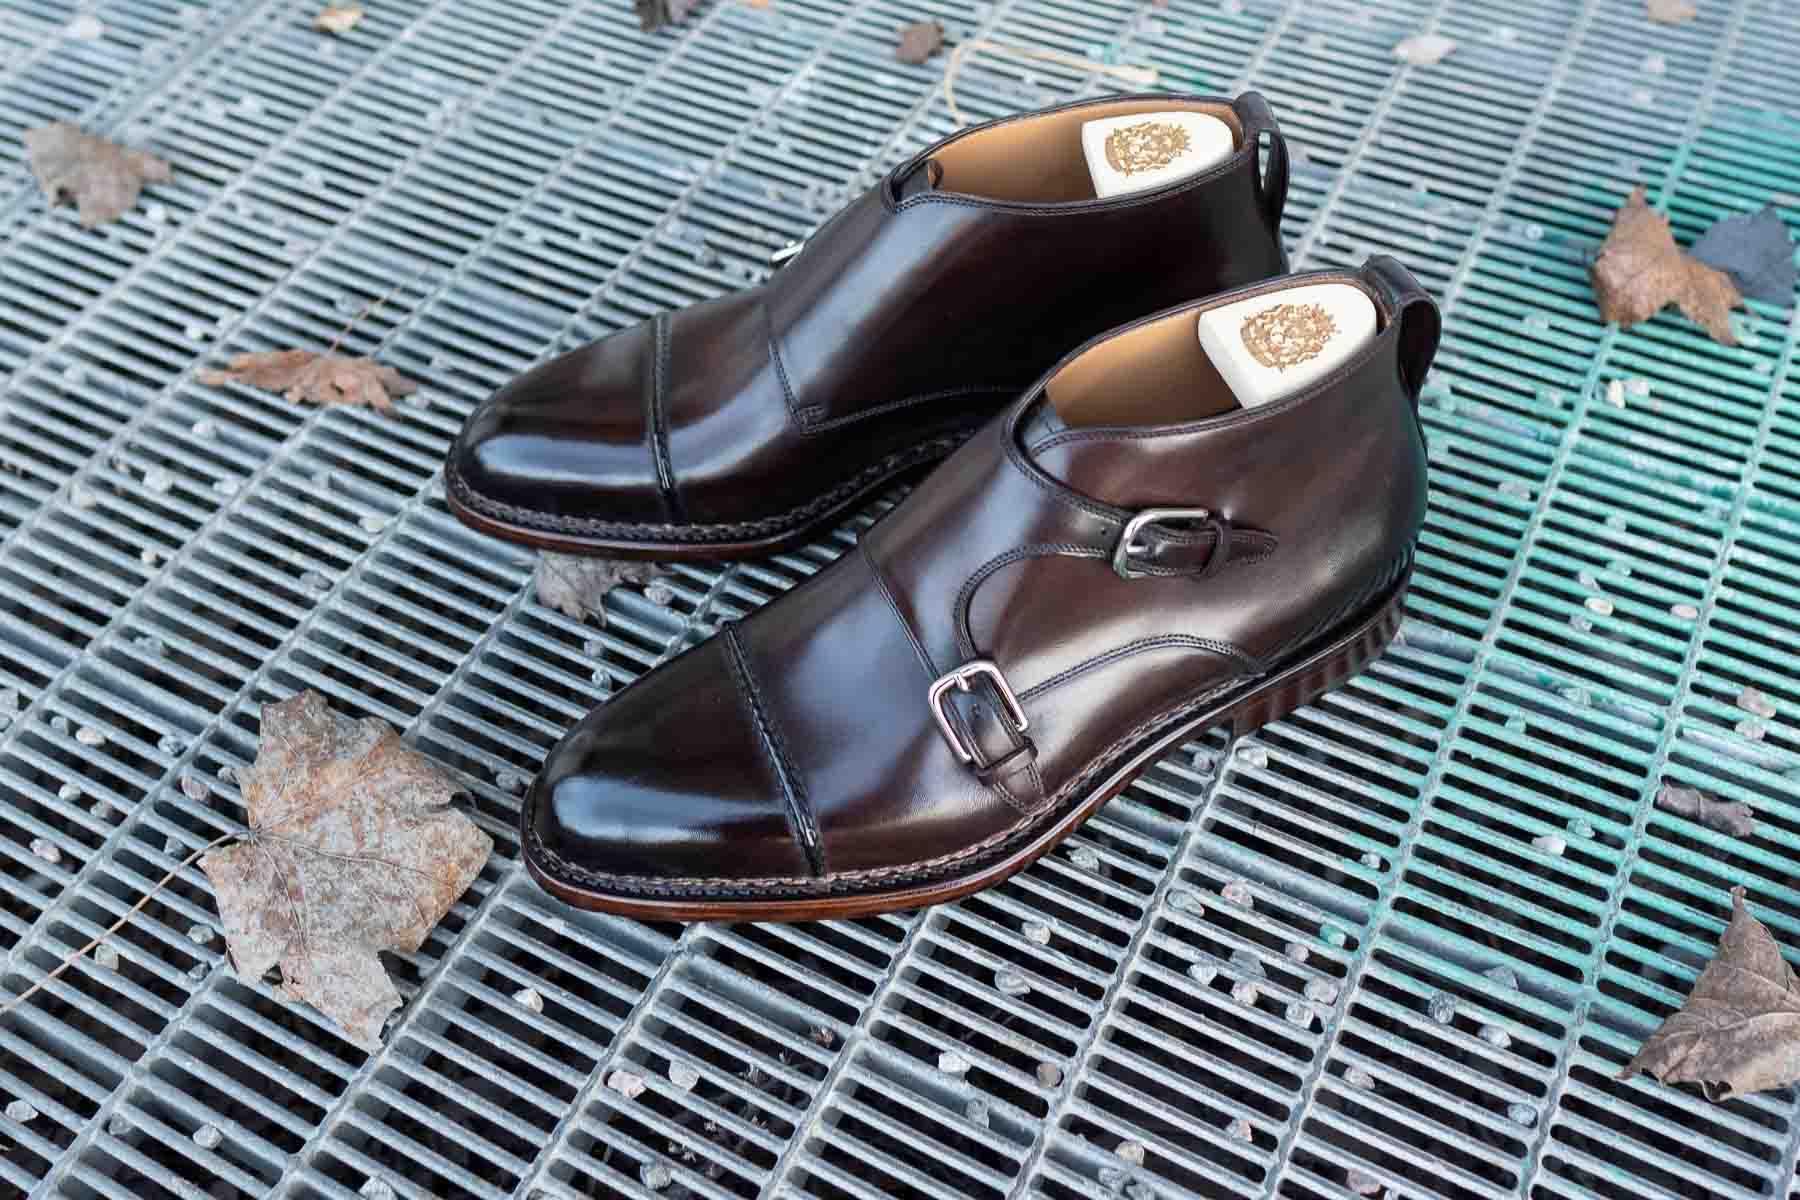 Art 771 Monk Boots